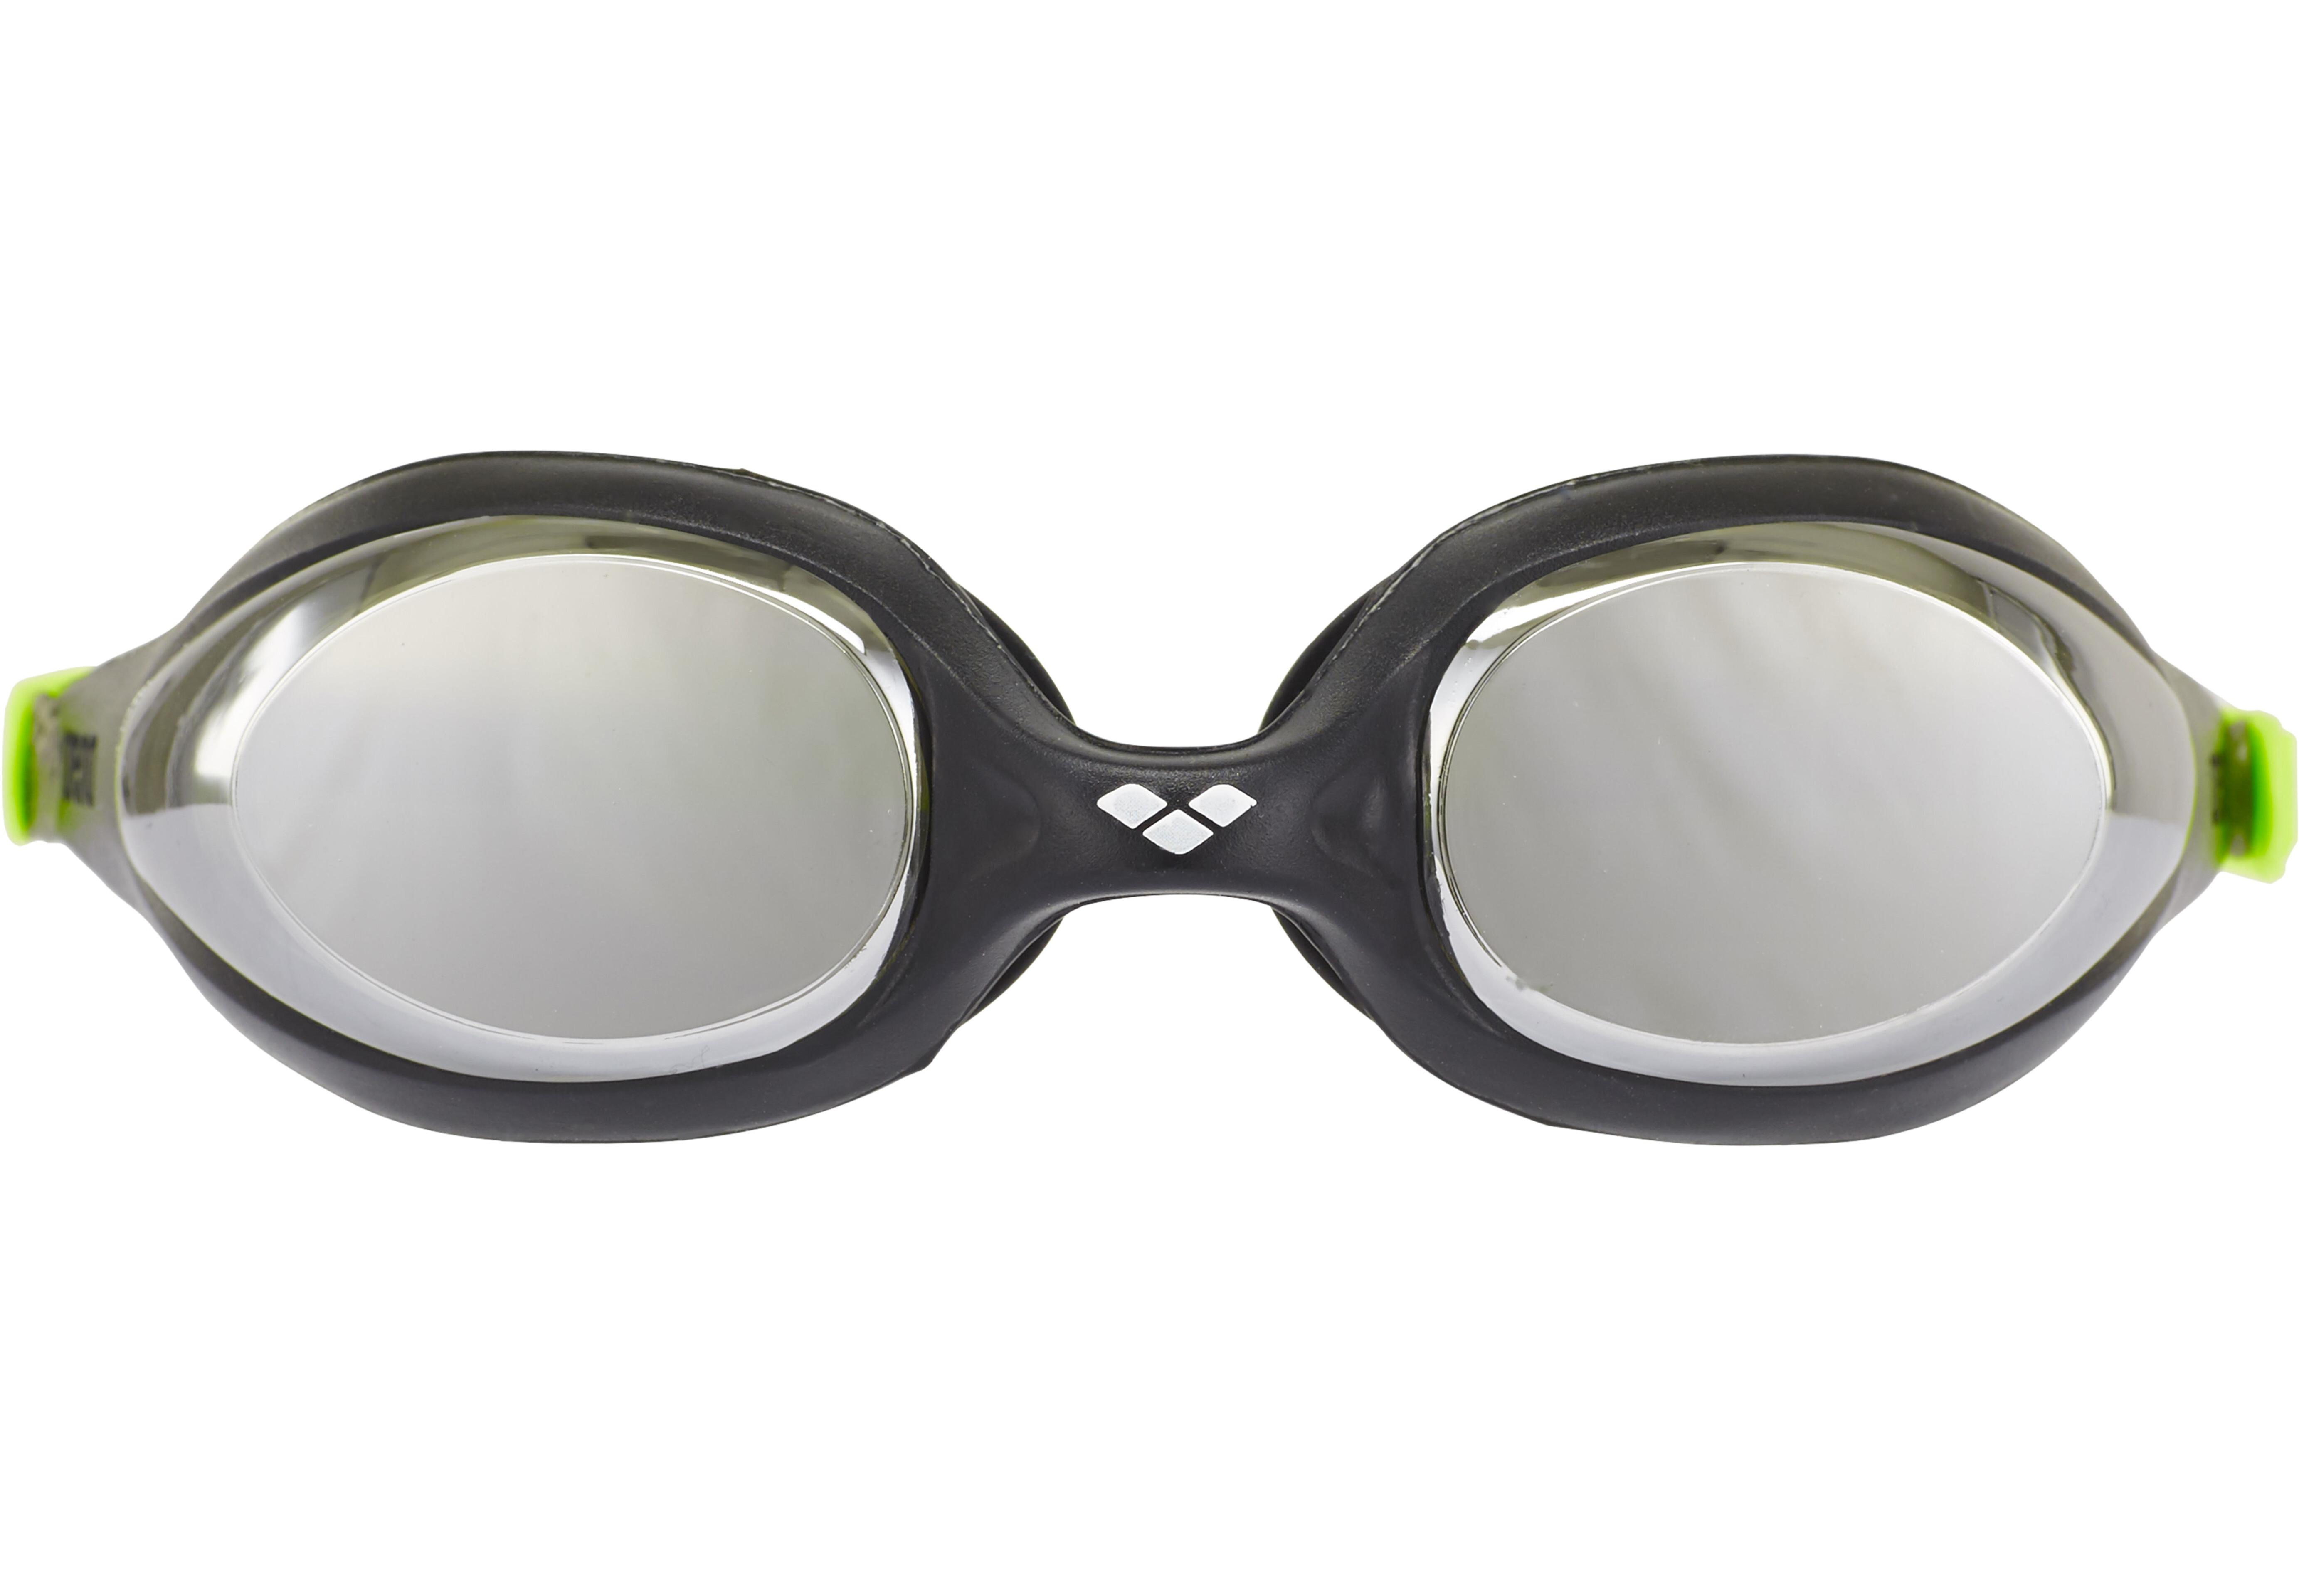 arena Spider Mirror Simglasögon Barn grön svart - till fenomenalt ... 2dc40d1028fd1